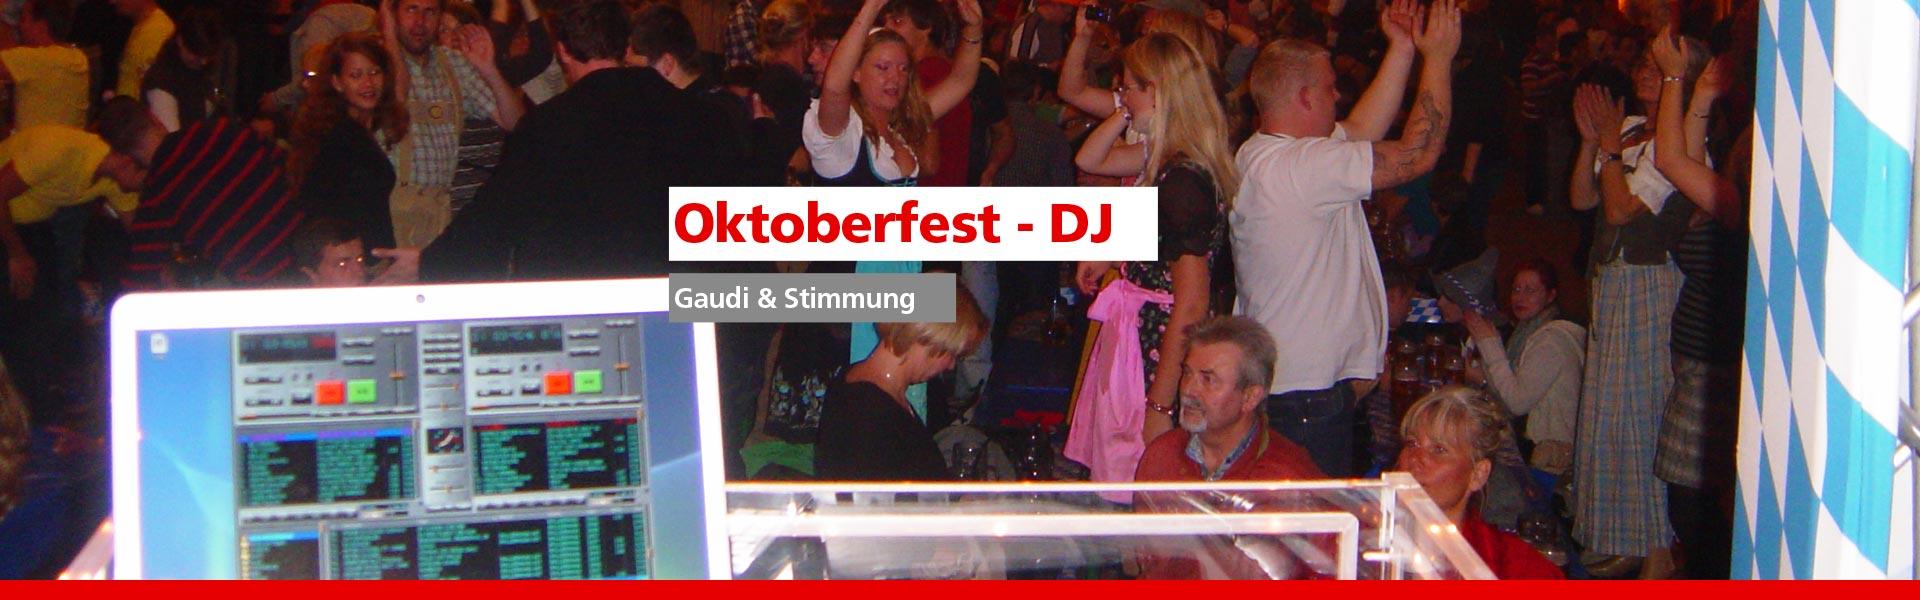 http://www.simonevents.de/wp-content/uploads/2014/02/Slider_1920x600px_Events-NEU-3.jpg